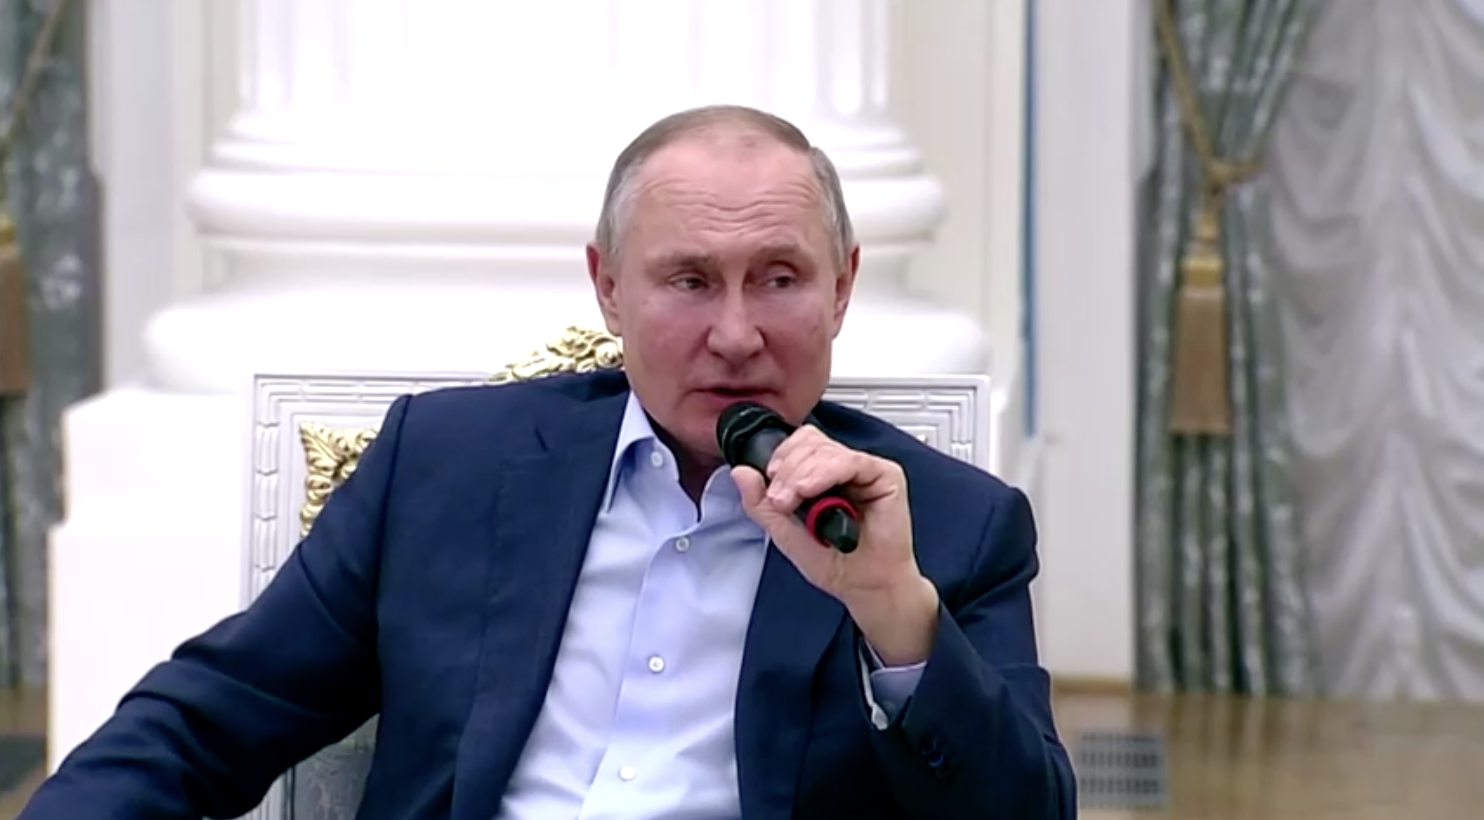 Tổng Thống Nga Vladimir Putin có khả năng đã chỉ thị việc can thiệp vào cuộc bầu cử năm 2020 của Hoa Kỳ